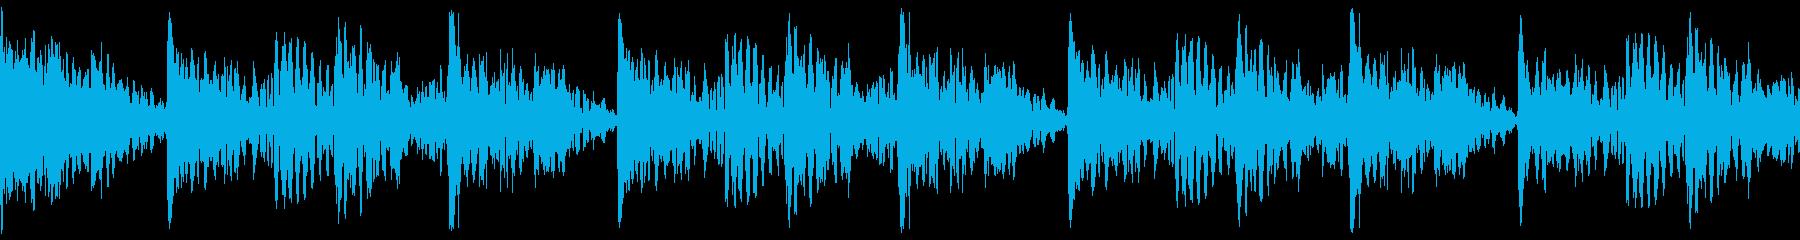 和楽器 民族楽器 太鼓 囃子 祭 リズムの再生済みの波形